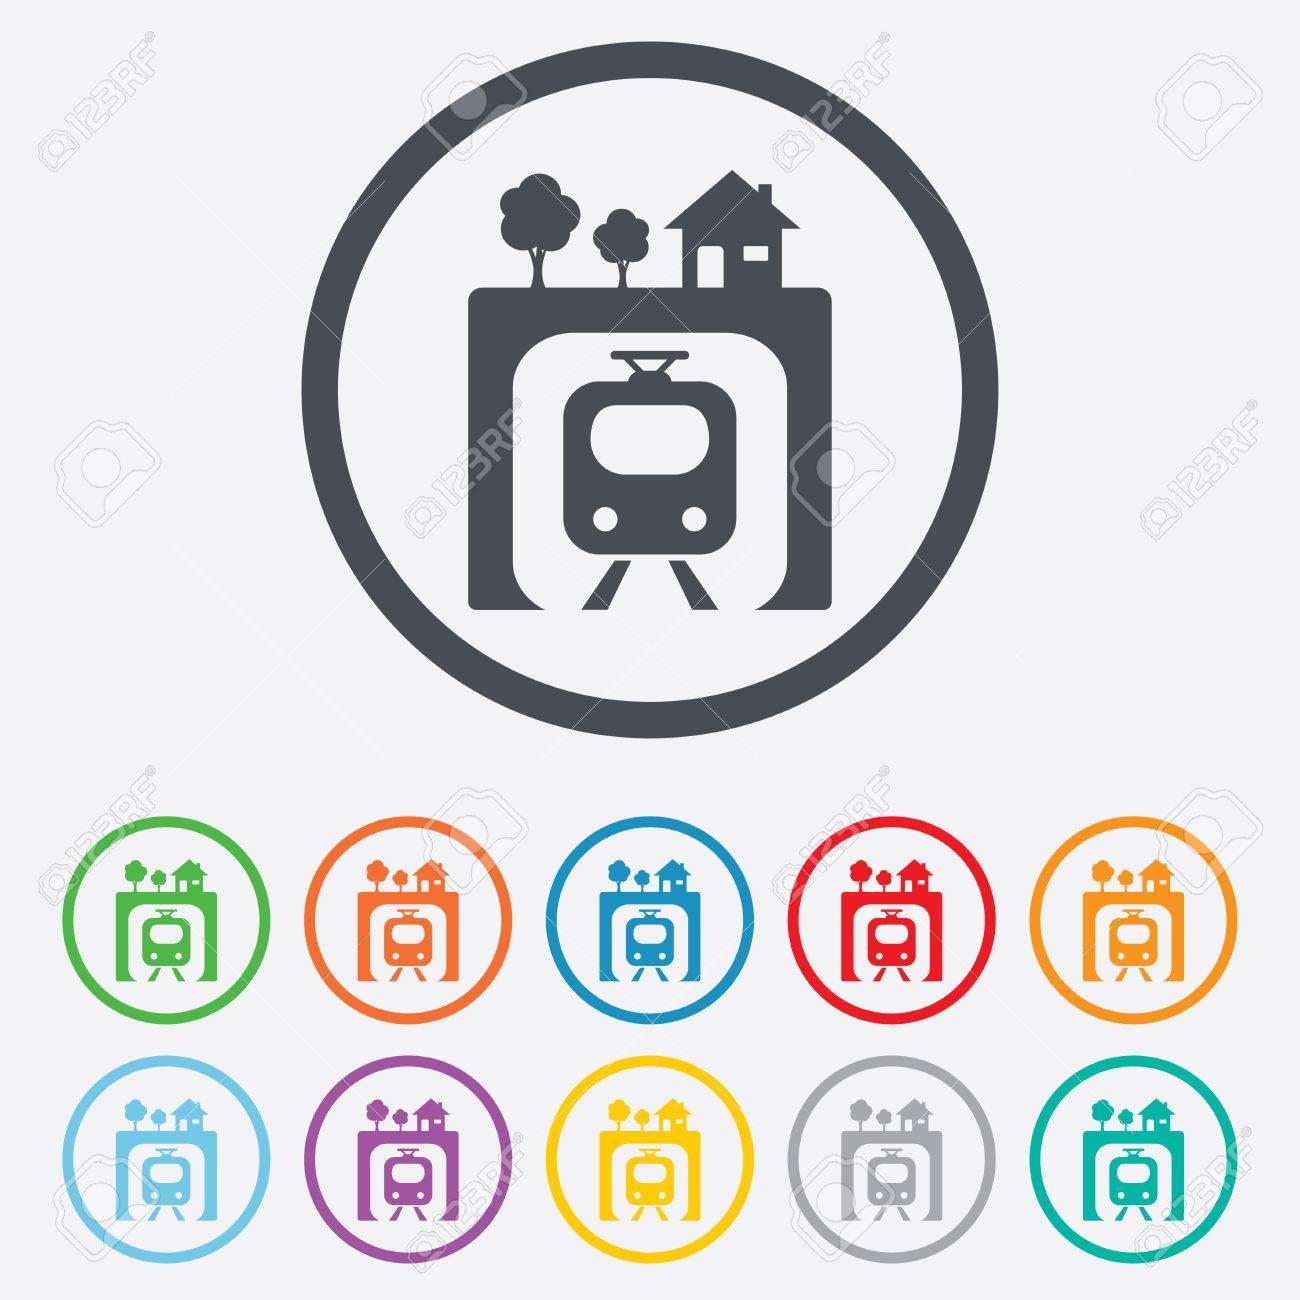 Icono De Signo De Metro. Metro Símbolo Tren. Botones De Círculo ...